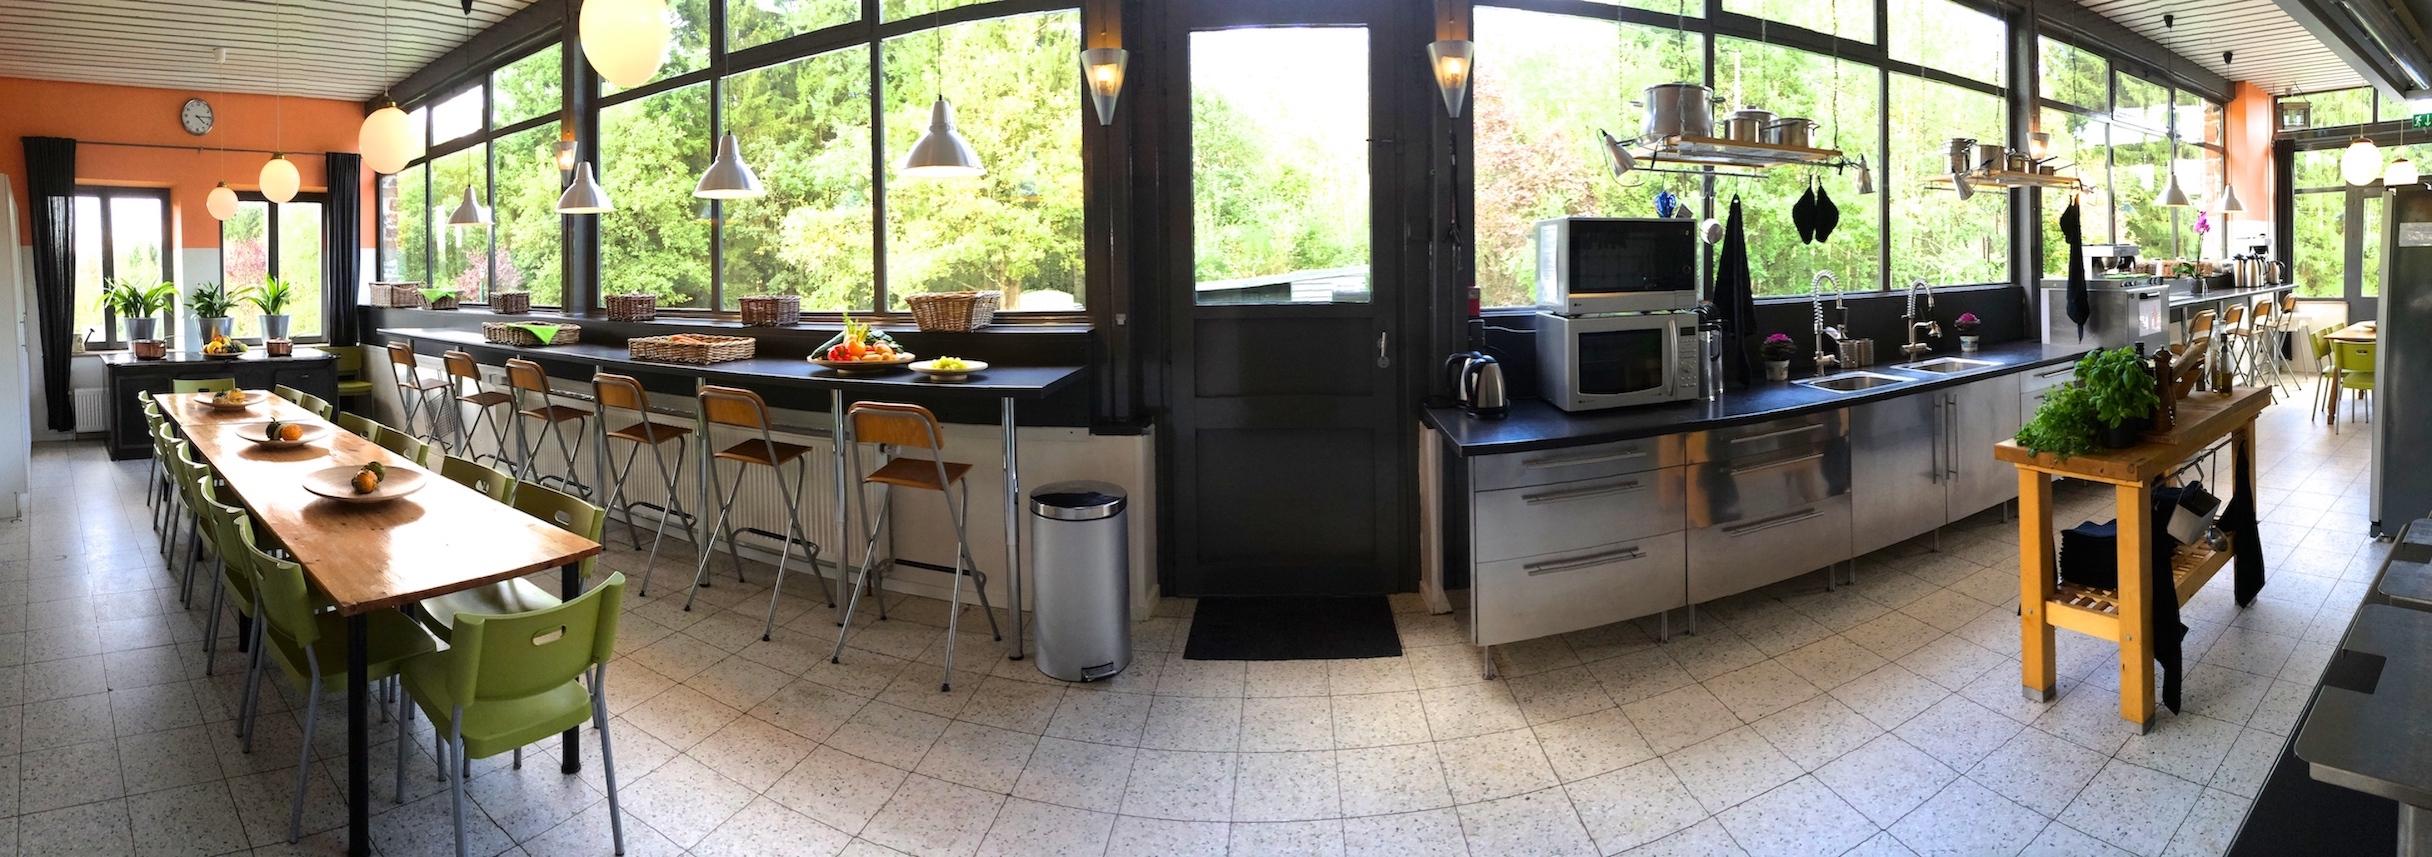 Ardennen Landgoed Le Herou Ardenshuis met geweldige keuken 17m